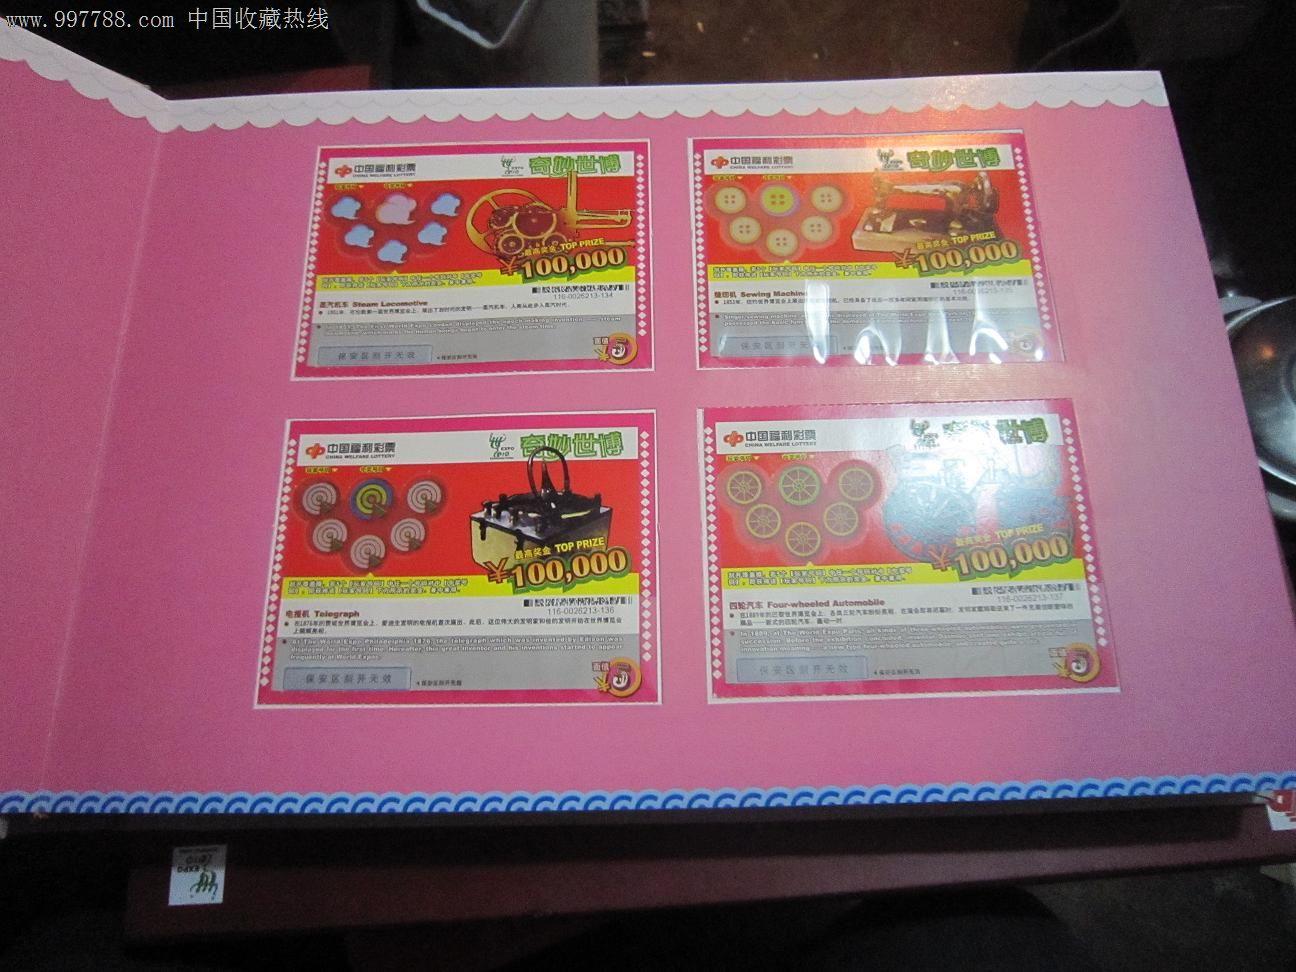 中国福利彩票上海世博会主题彩票收藏册